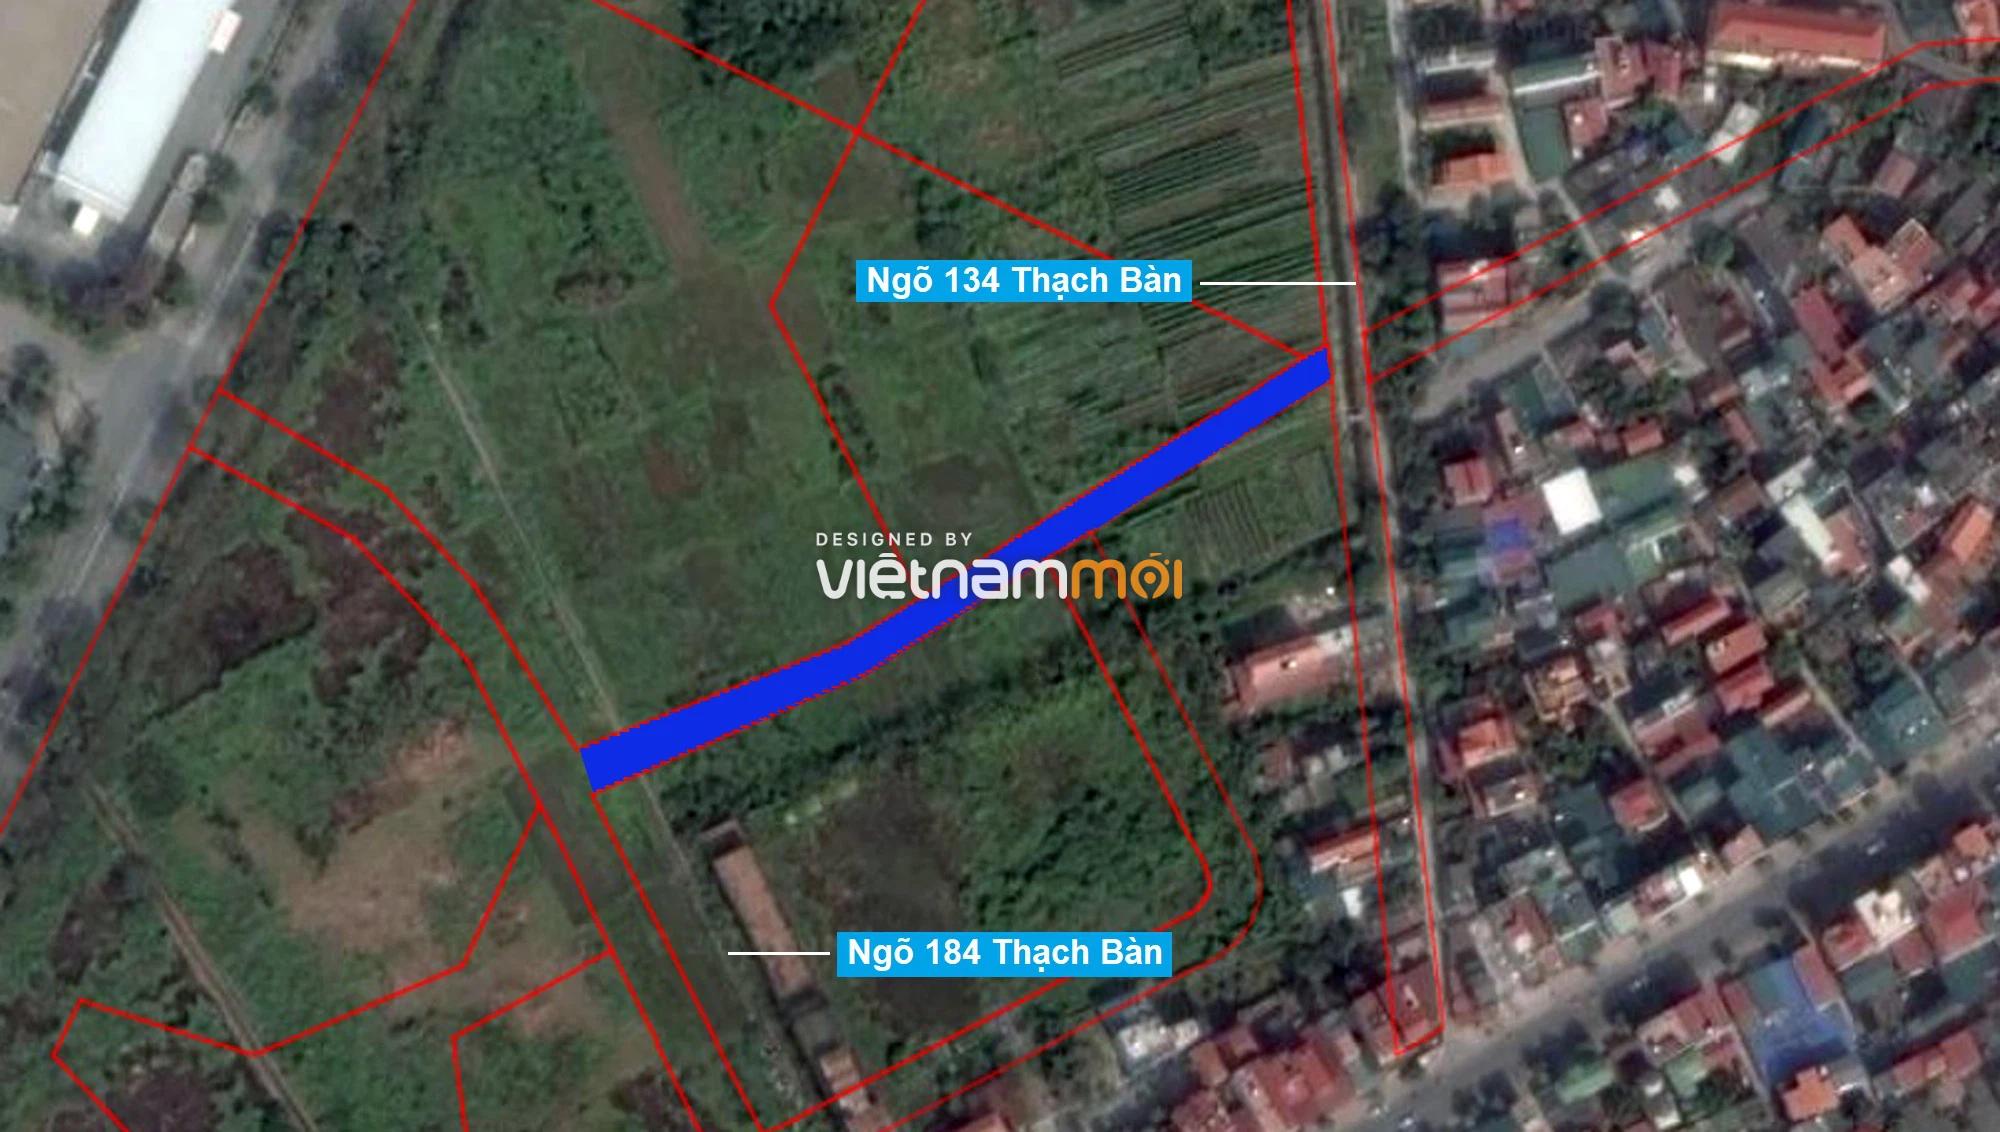 Những khu đất sắp thu hồi để mở đường ở phường Thạch Bàn, Long Biên, Hà Nội (phần 1) - Ảnh 15.